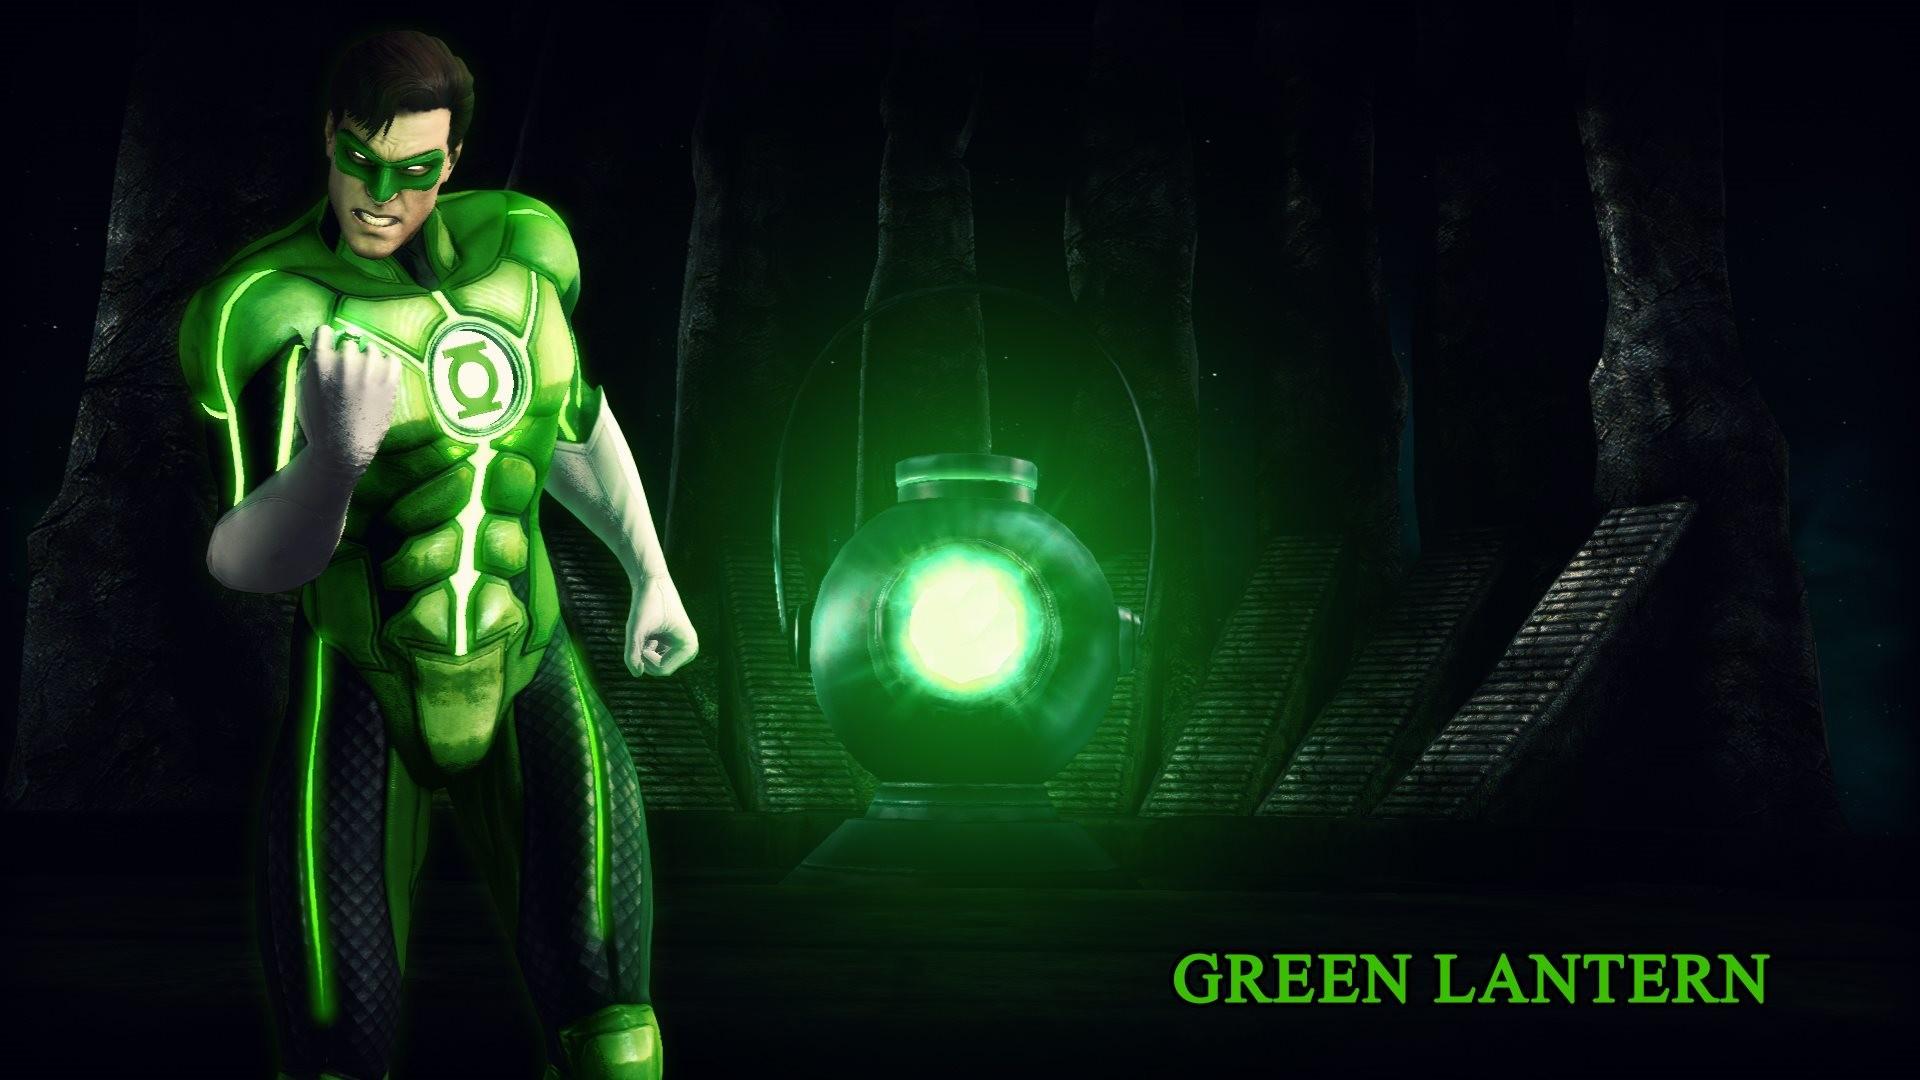 Green Lantern Comic Wallpaper: Green Lantern Logo Wallpaper (70+ Images